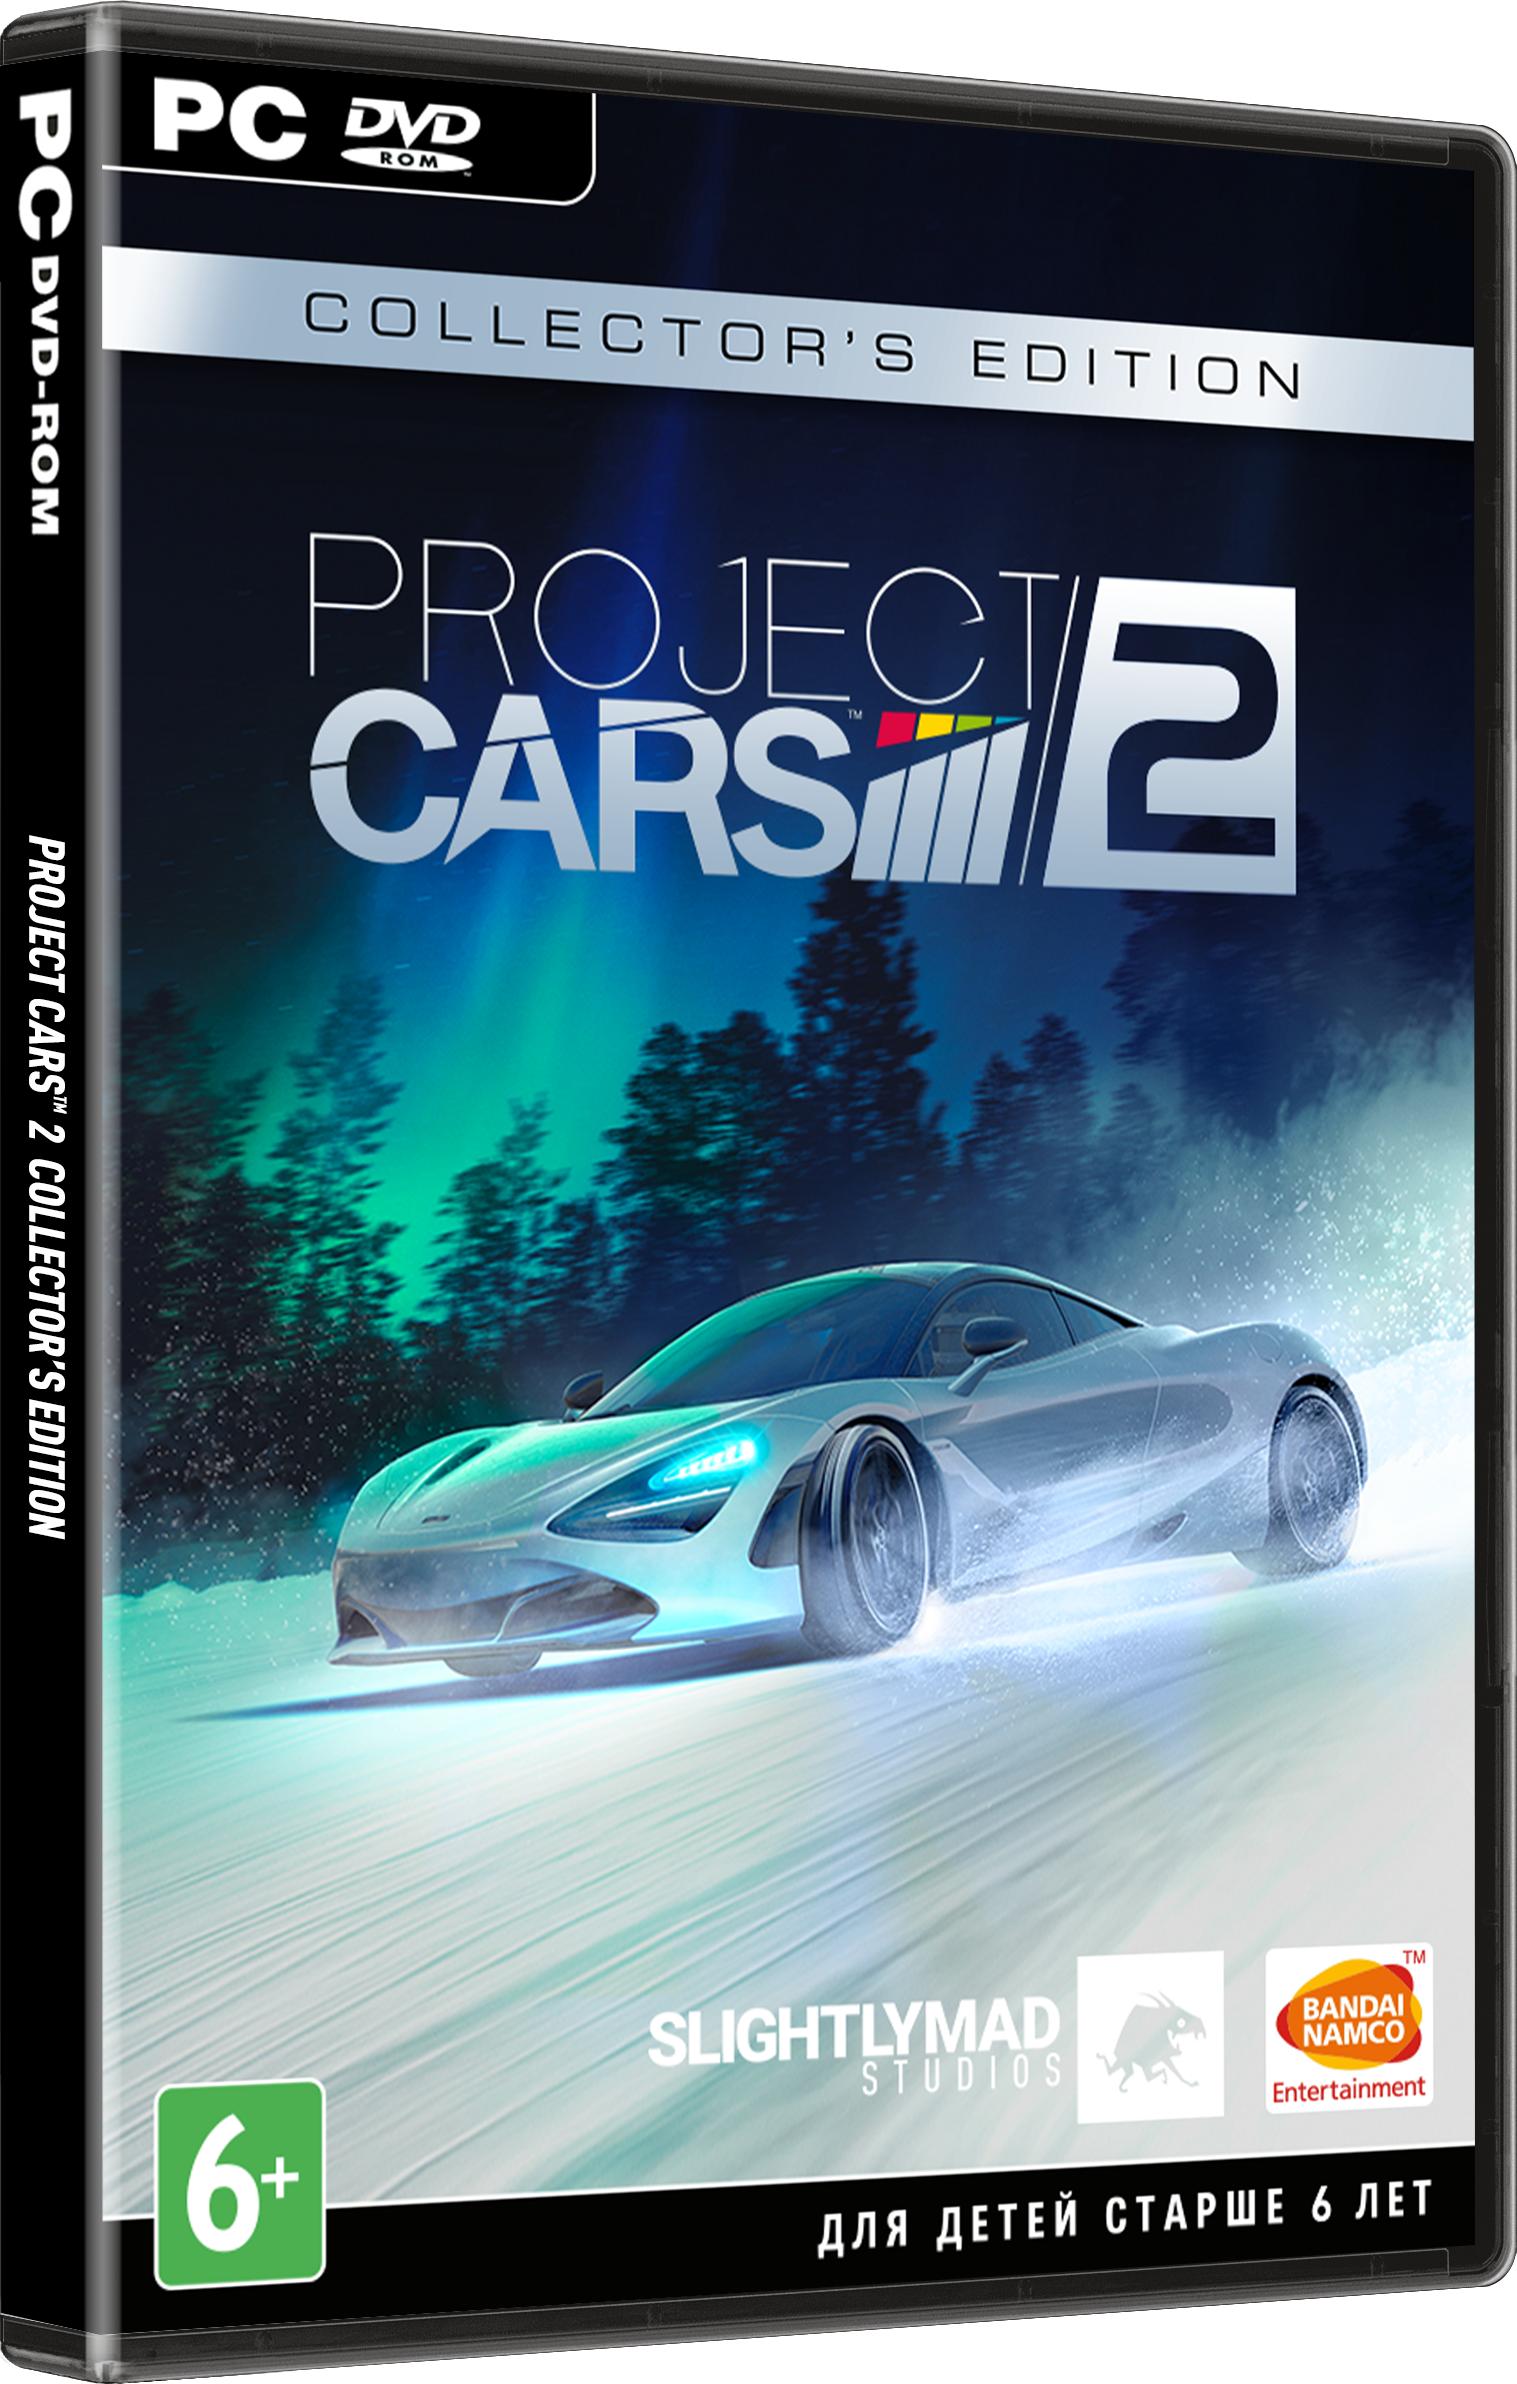 Project Cars 2. Collectors Edition [PC]Project Cars 2 &amp;ndash; это вторая часть мегауспешного гоночного симулятора от компании Slightly Mad Studios. Спустя два года, разработчики наконец порадуют всех фанатов этого жанра продолжением, которое обещает стать иконой в мире гонок. Итак, что же нас ждет….<br>